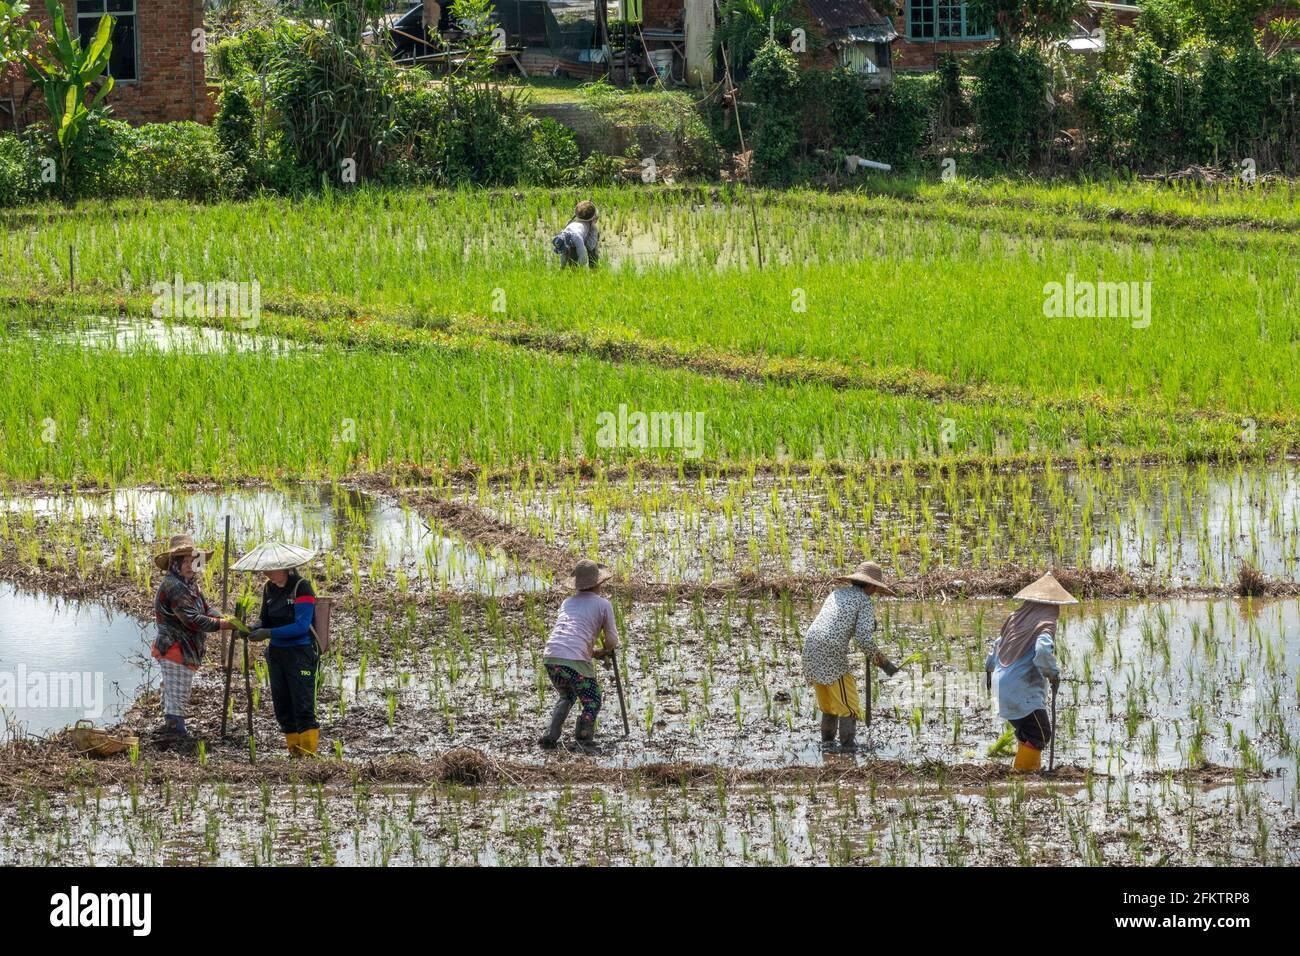 Champ de riz à Tebedu, Serian, Sarawak, Malaisie orientale Banque D'Images